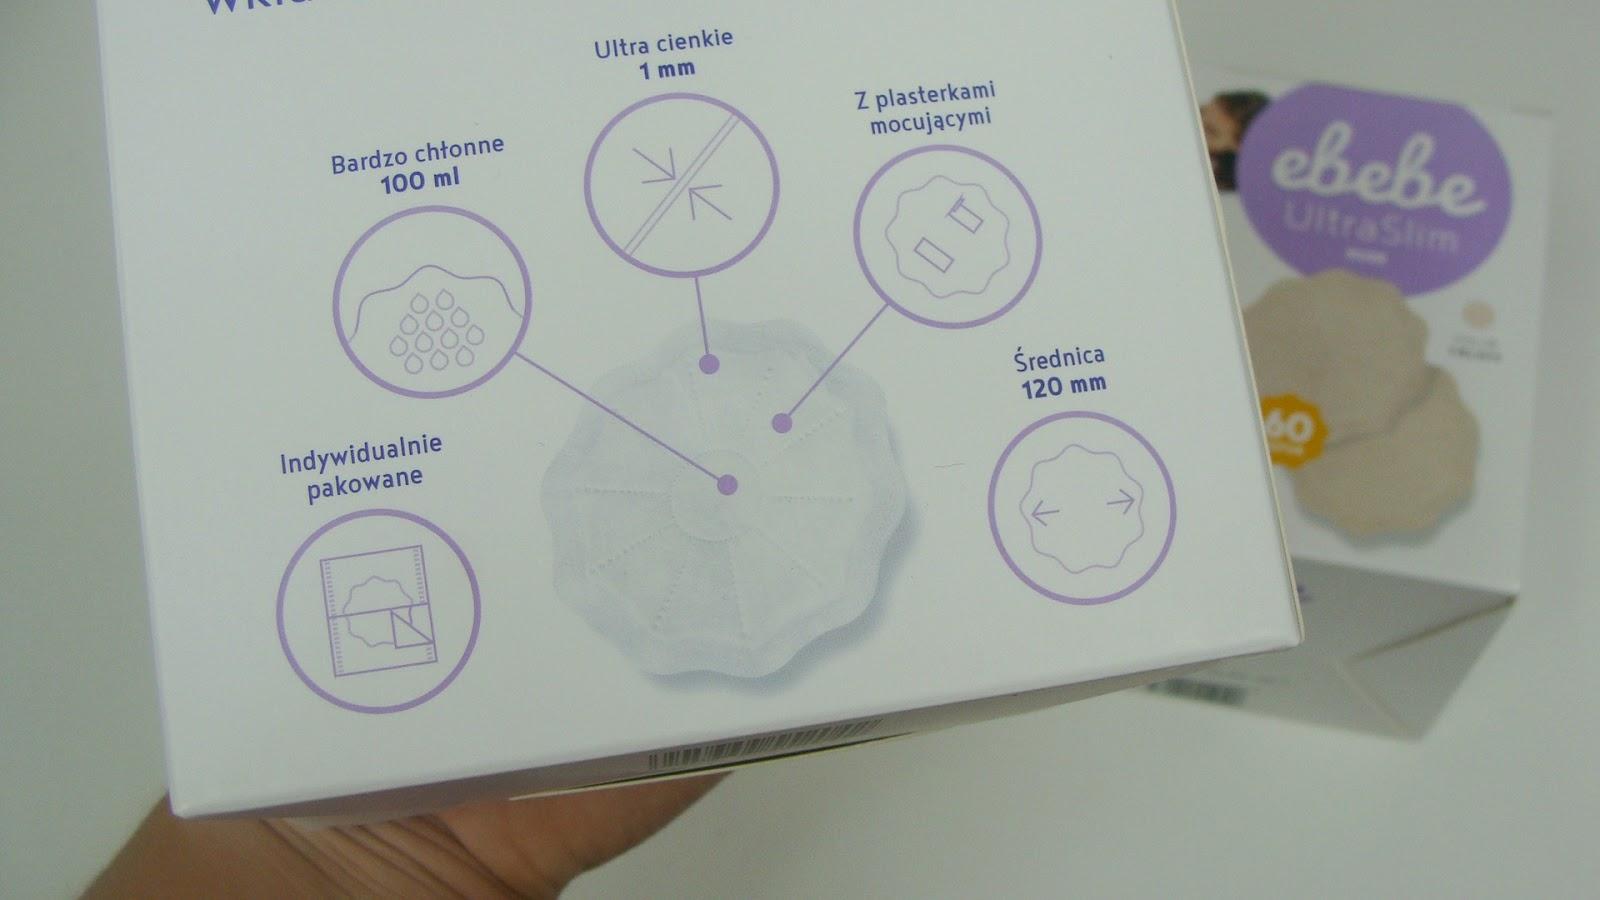 Rodzaje wkładek laktacyjnych, jak wybrać wkładki laktacyjne, najlepsze wkładki laktacyjne